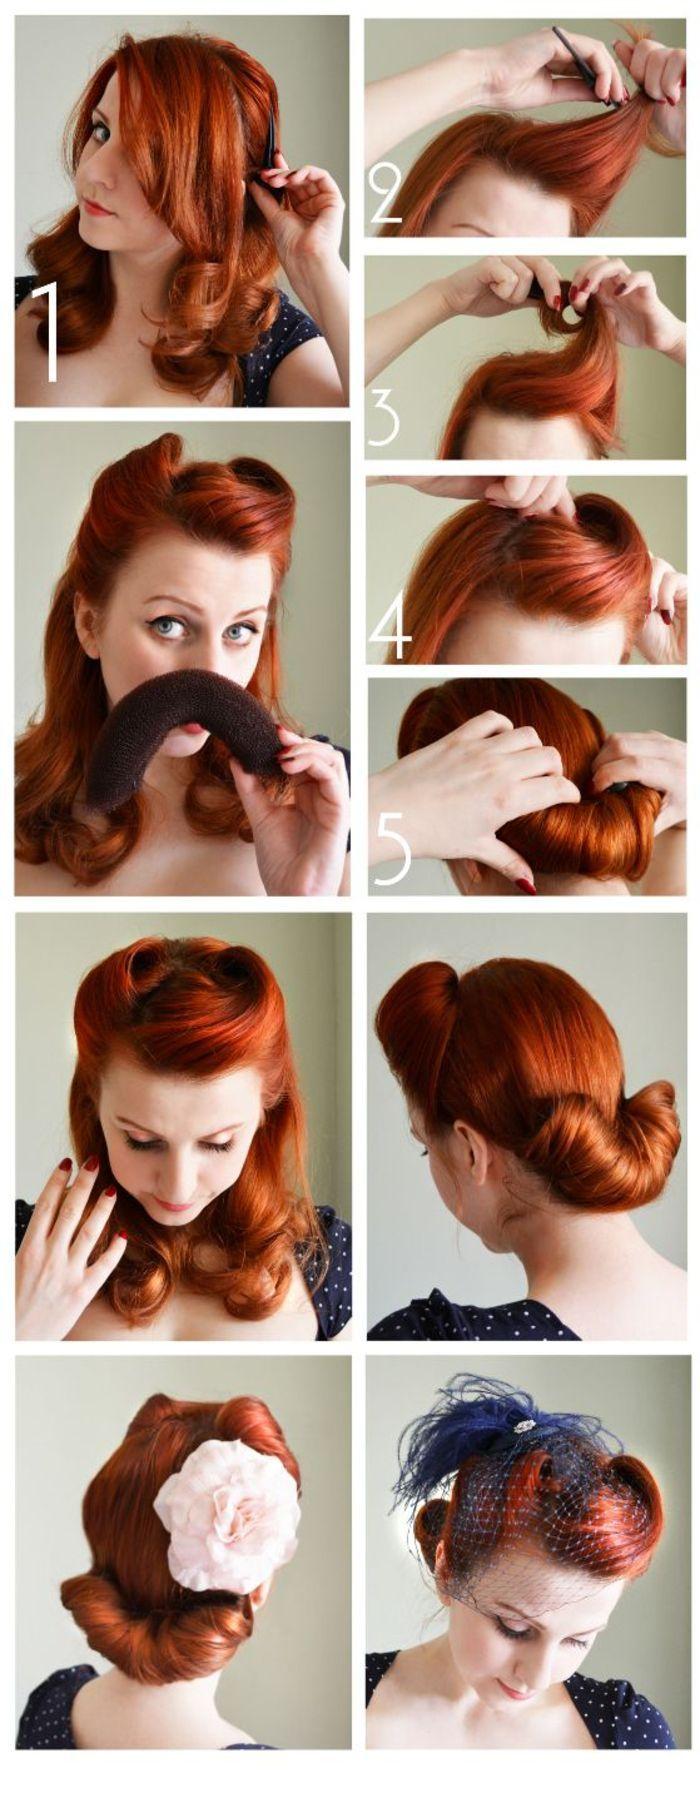 Die Rockabilly Frisur Durch Den Blick Der Modernen Frau Frisurentrends Zenideen Rockabilly Frisur Banane Frisur Vintage Hochzeit Frisuren